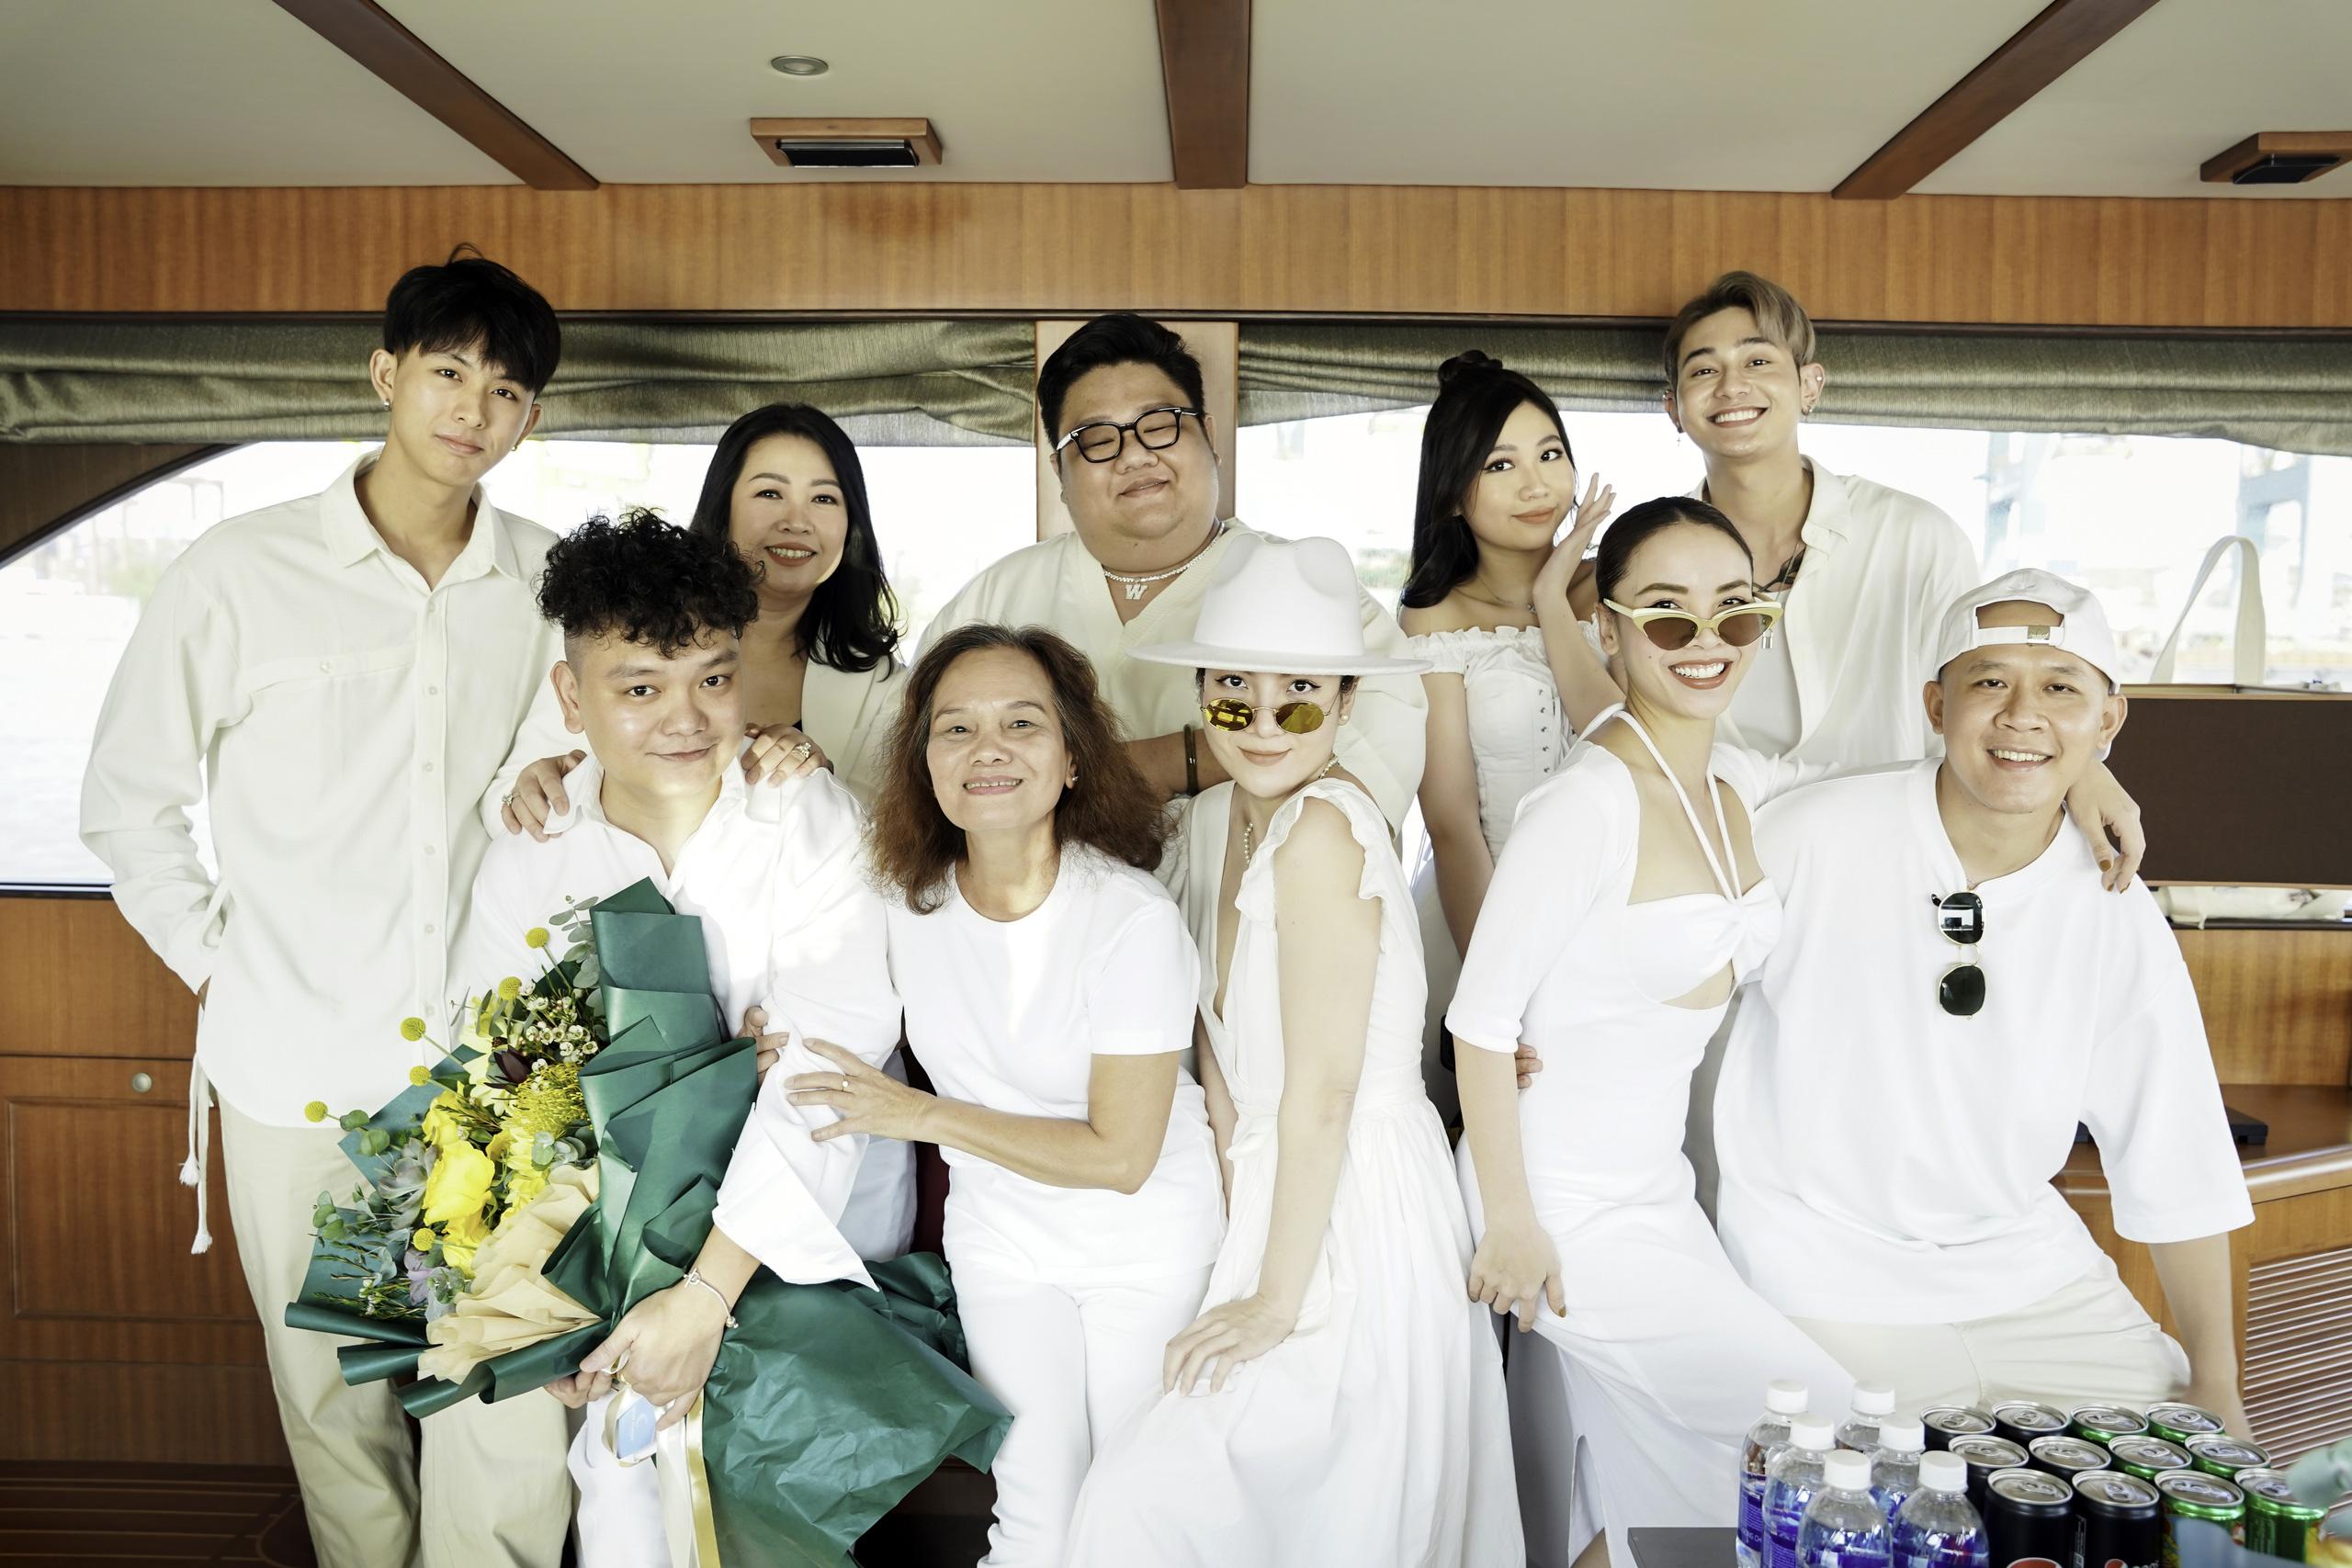 Yến Trang thân thiết bên Trịnh Tú Trung, Hoa hậu nhí cao 1m74 Ngọc Lan Vy chiếm spotlight vì quá xinh đẹp - Ảnh 5.